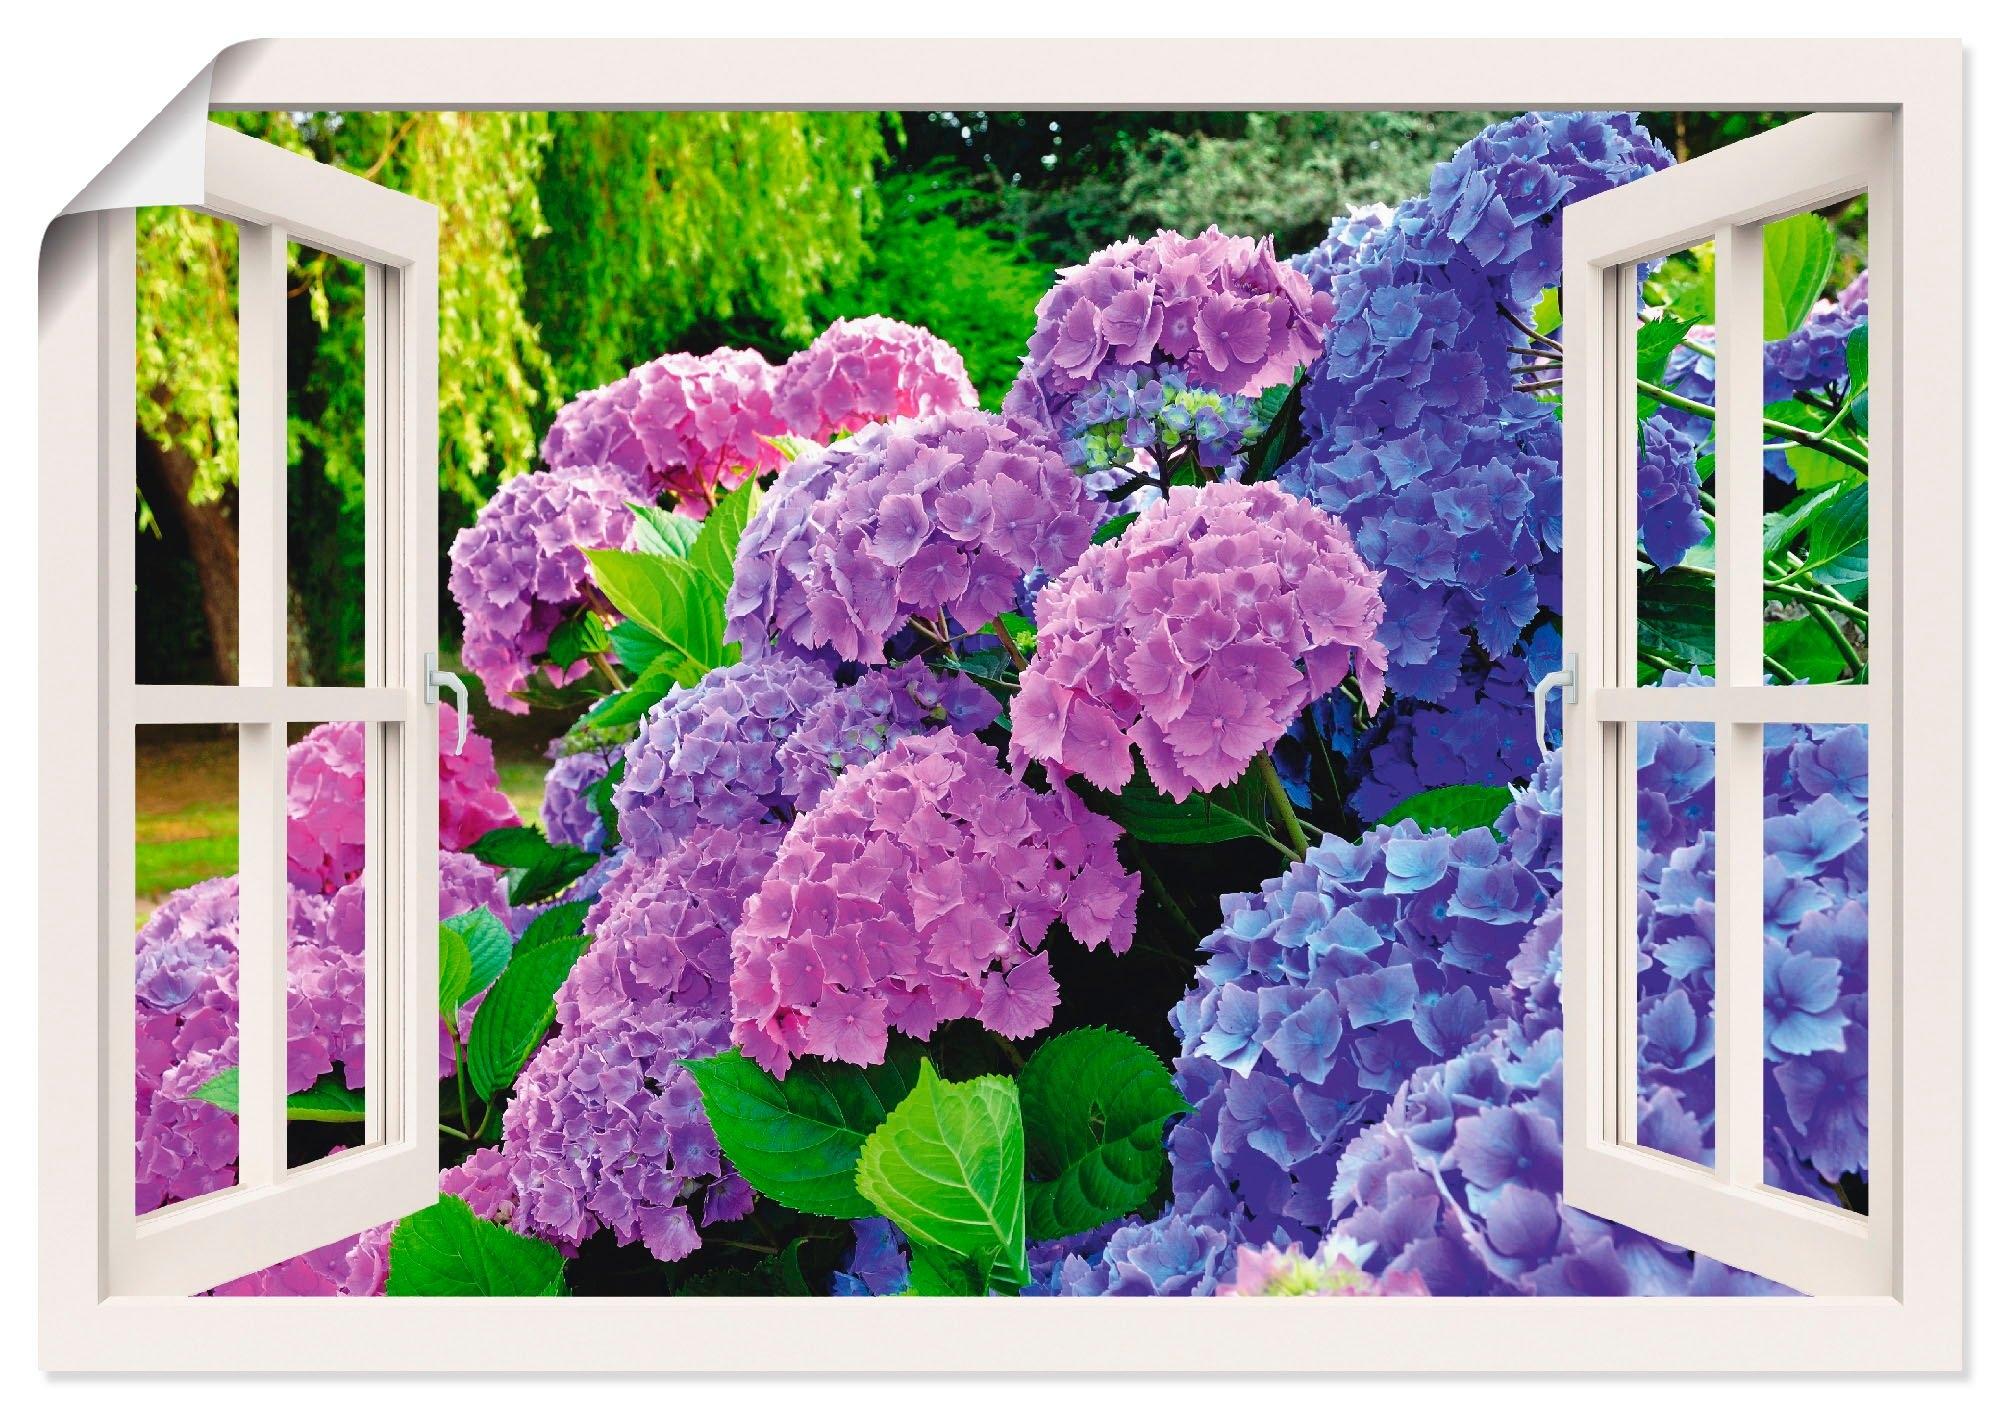 Op zoek naar een Artland artprint Blik uit het venster hortensia's in de tuin in vele afmetingen & productsoorten - artprint van aluminium / artprint voor buiten, artprint op linnen, poster, muursticker / wandfolie ook geschikt voor de badkamer (1 stuk)? Koop online bij OTTO